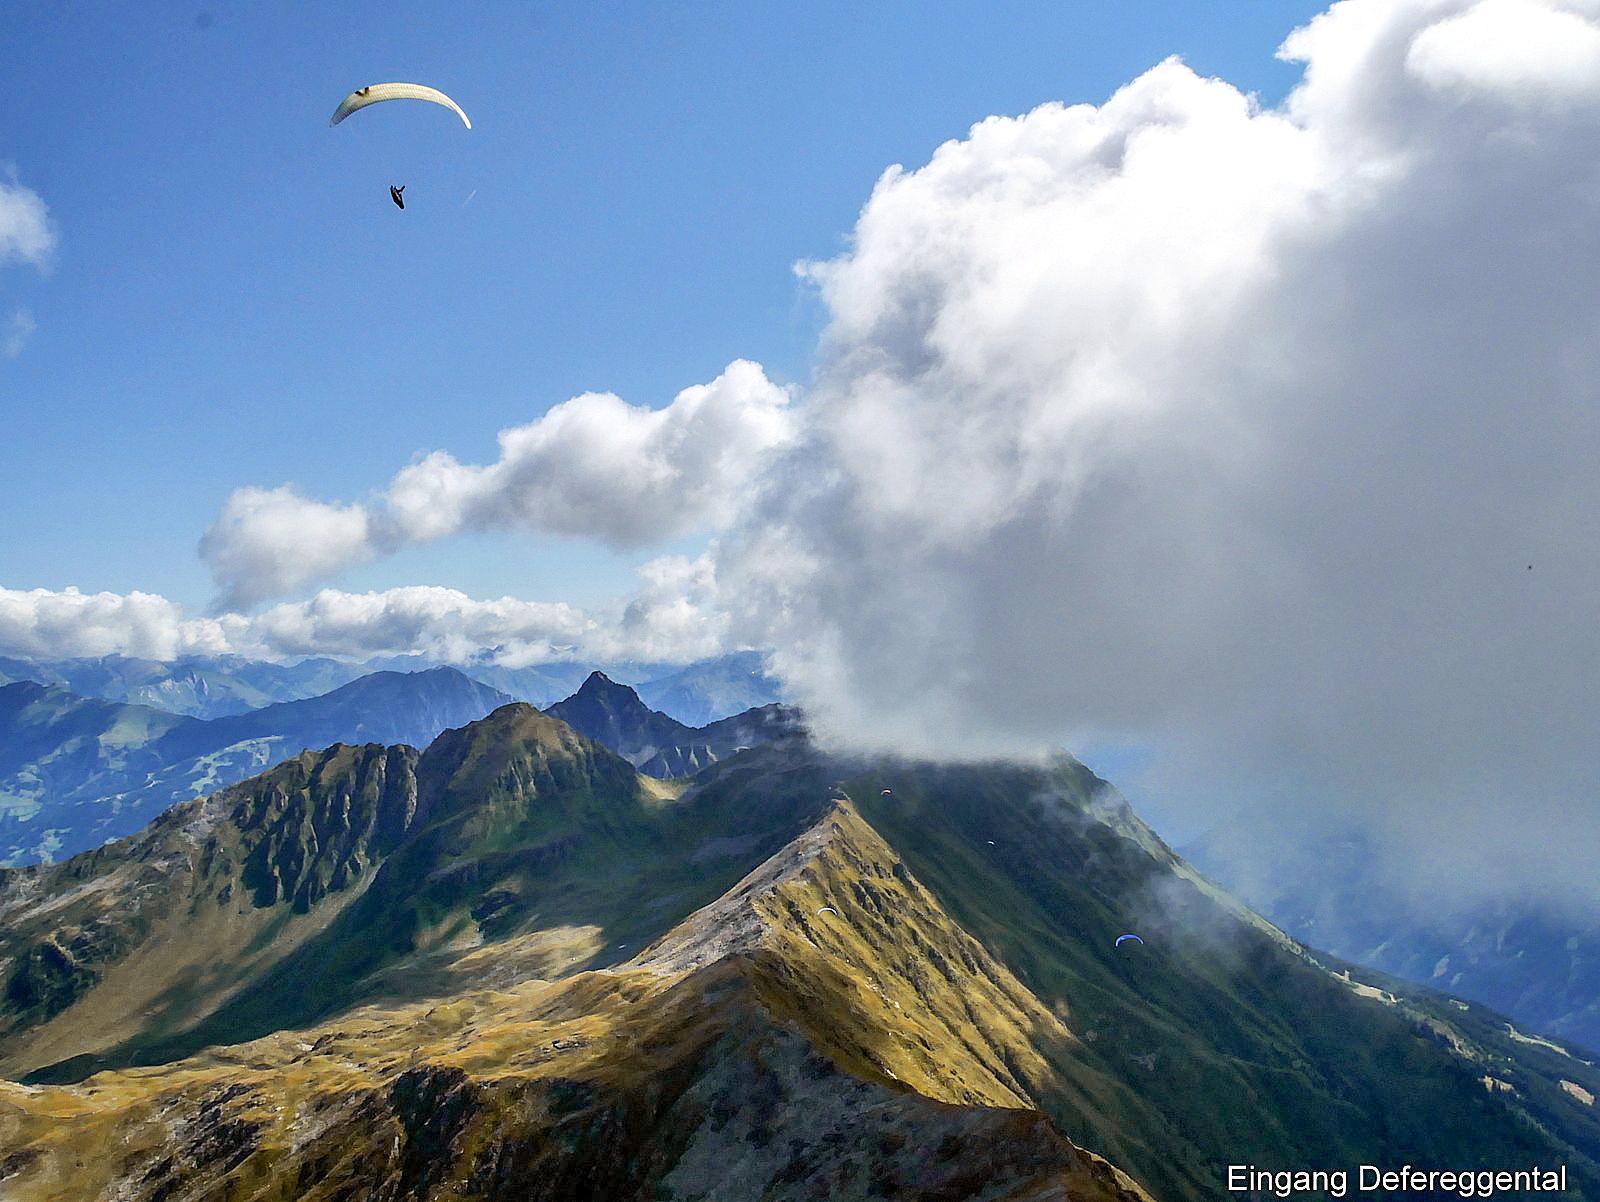 skywalk paragliders - Oliver Teubert